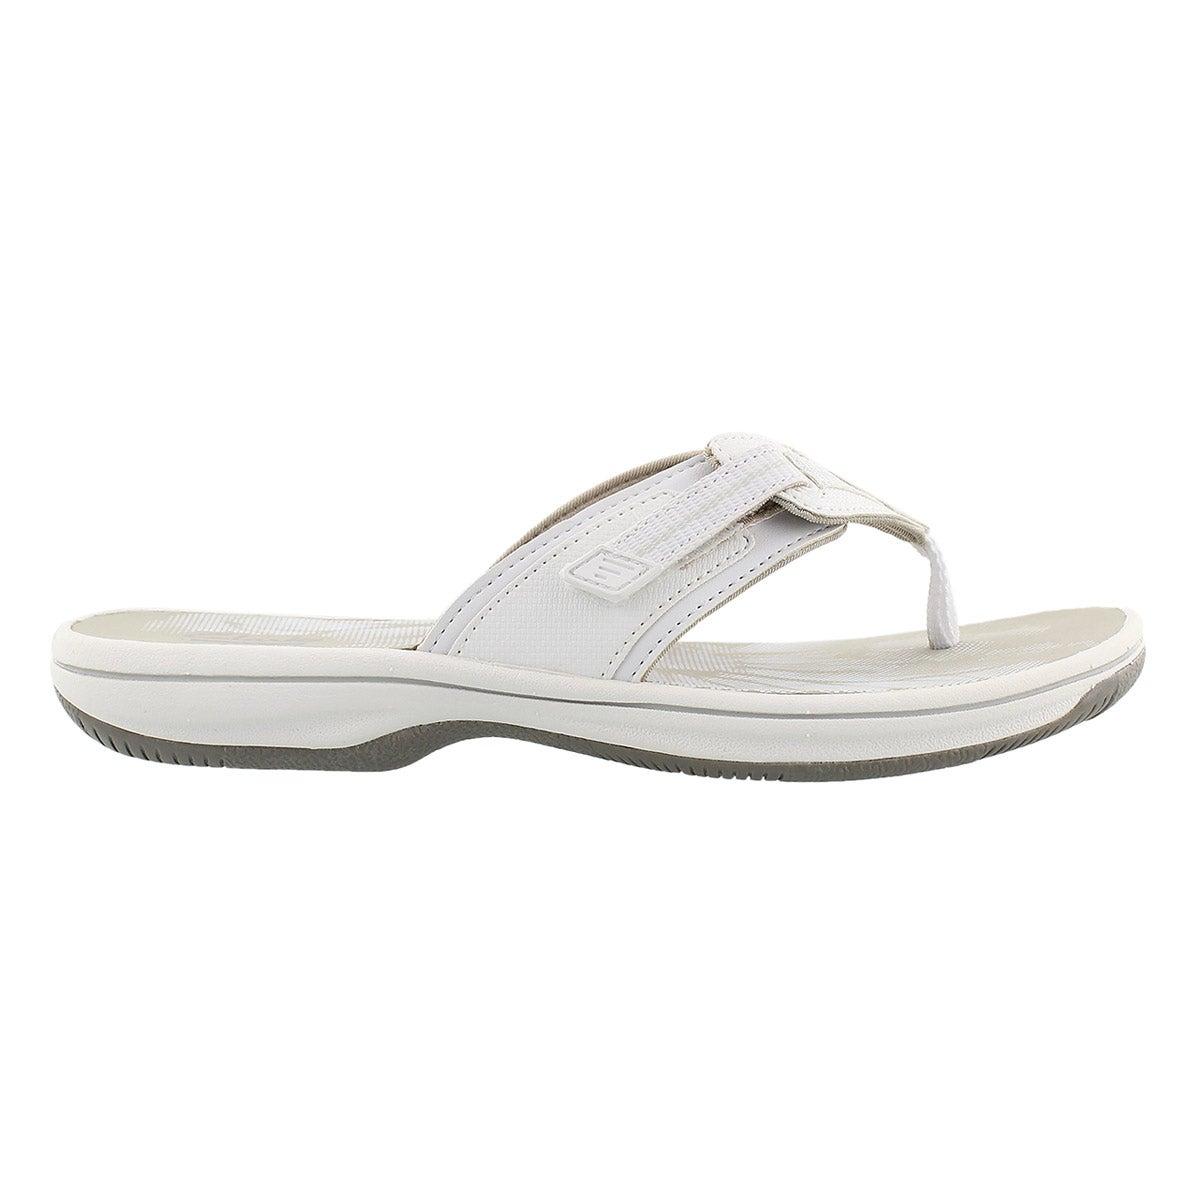 Sandale tong Brinkley Jazz, blanc, femme